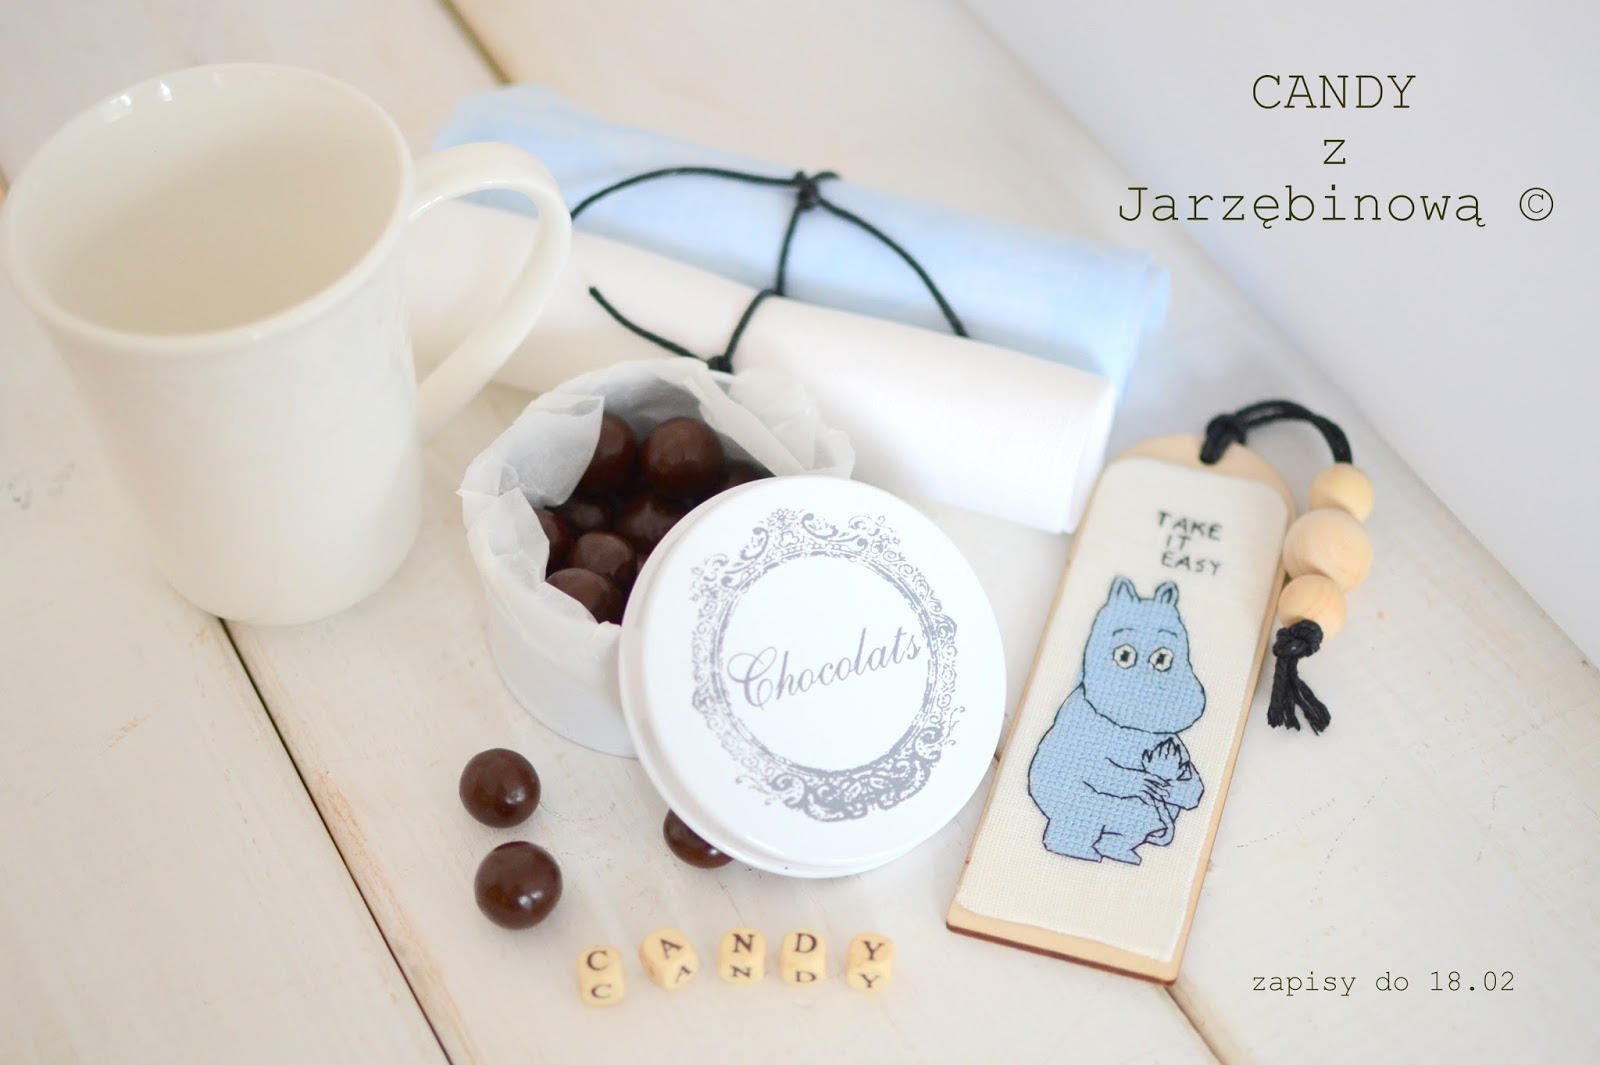 Candy u Jarzębinowej